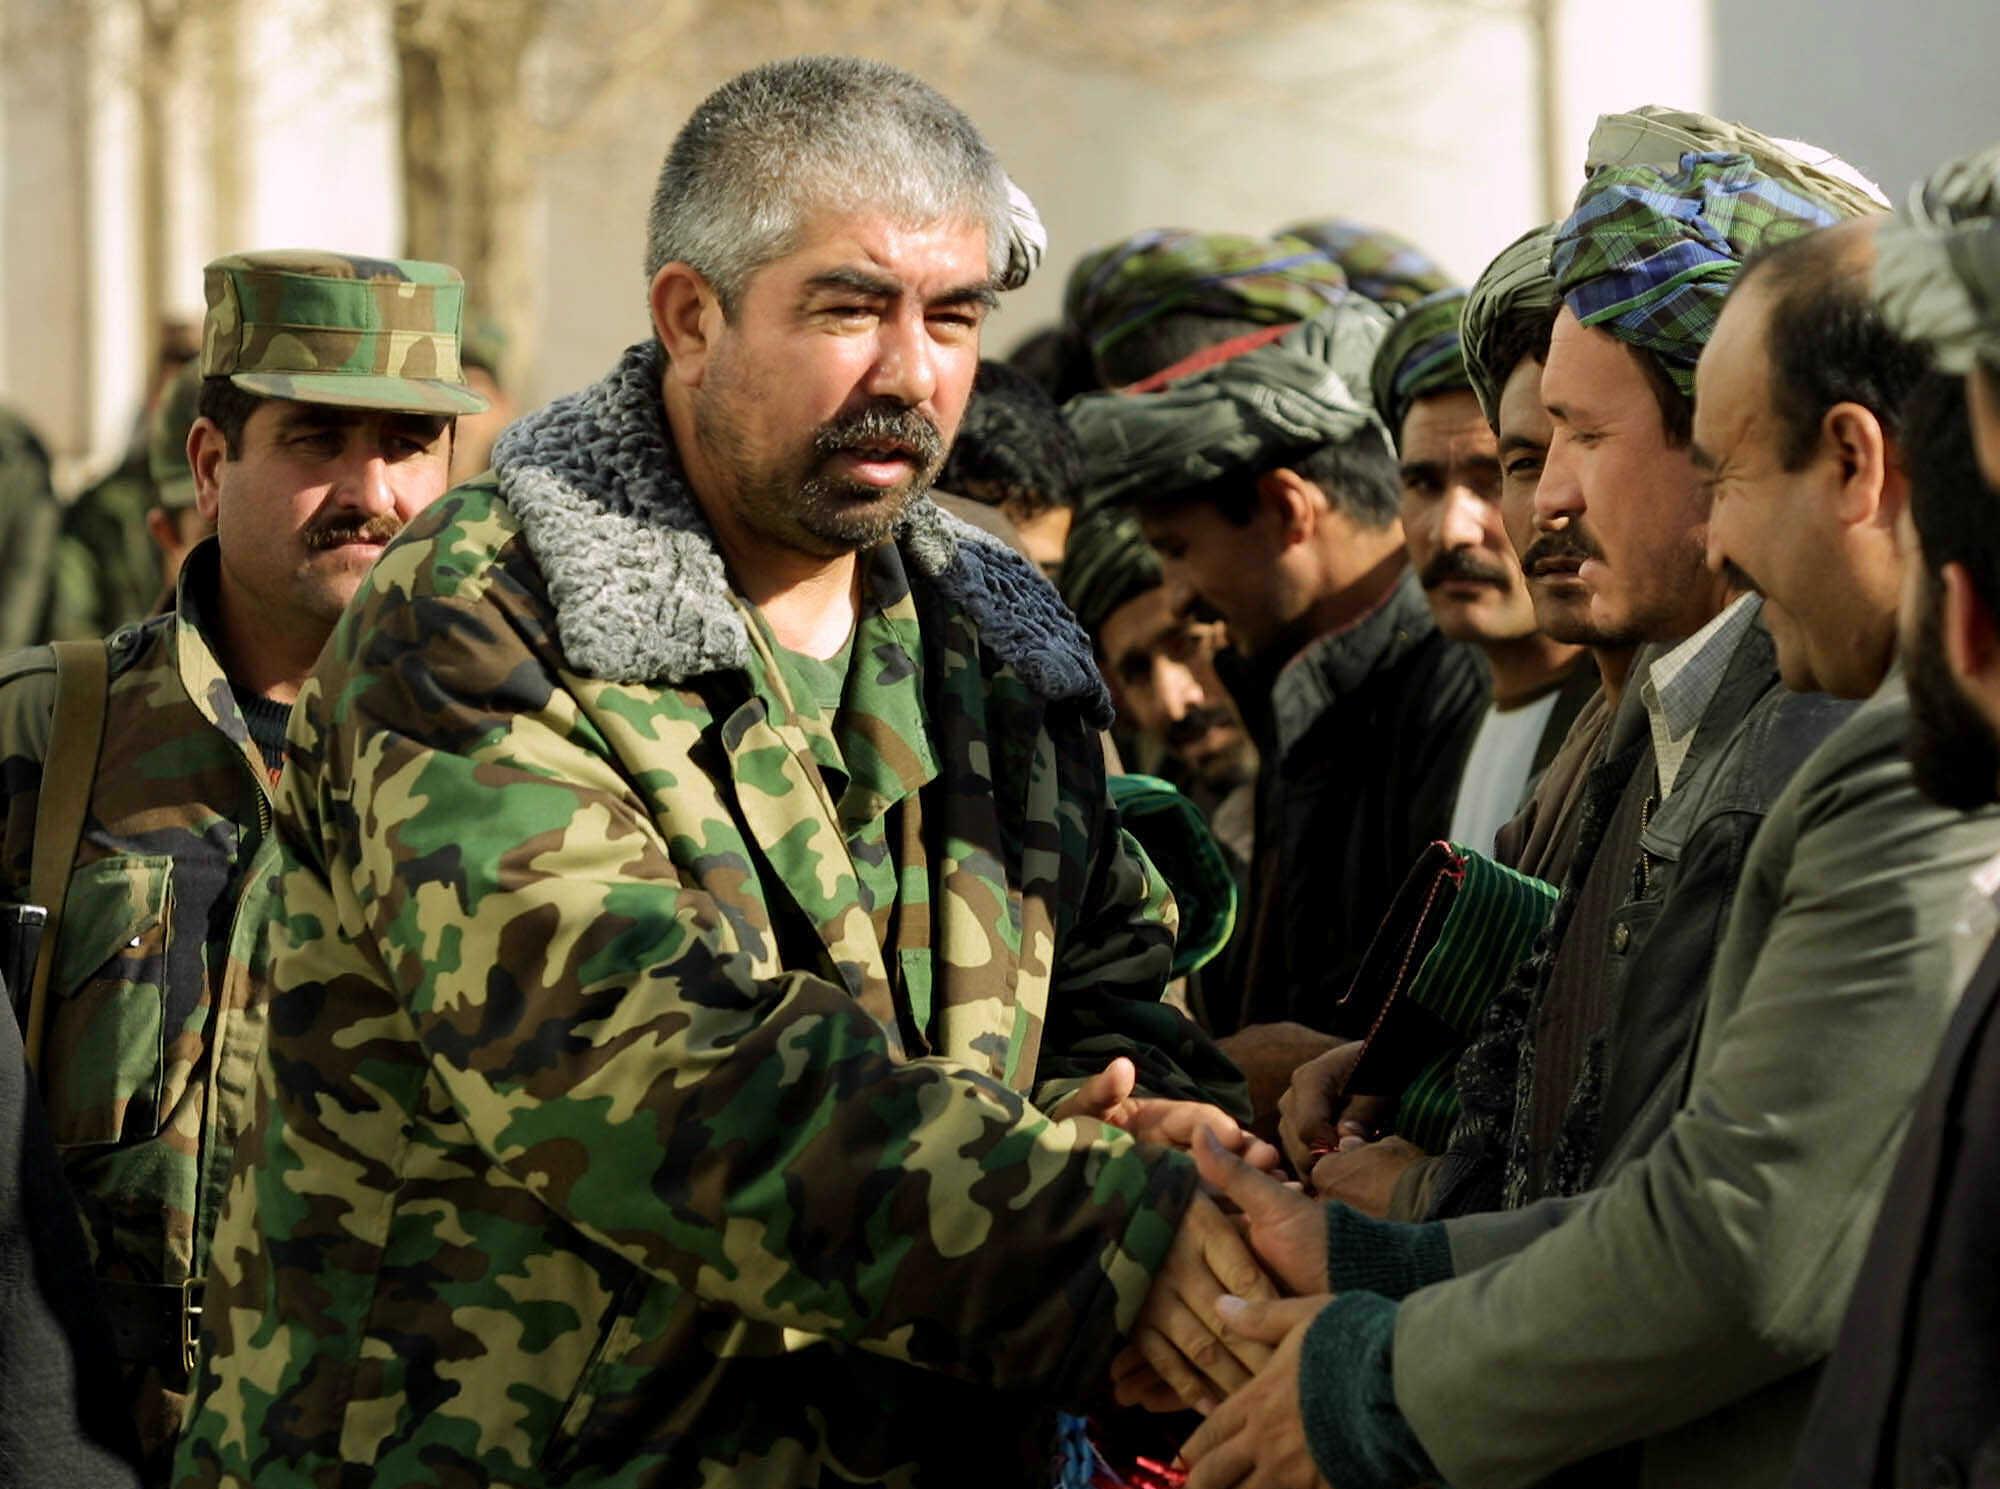 Tướng Abdul Rashid Dostum gặp người dân Mazar-i Sharrif vào tháng 12/2001, sau khi giữ chức Thứ trưởng Bộ Quốc phòng Afghanistan. Ảnh: AP.